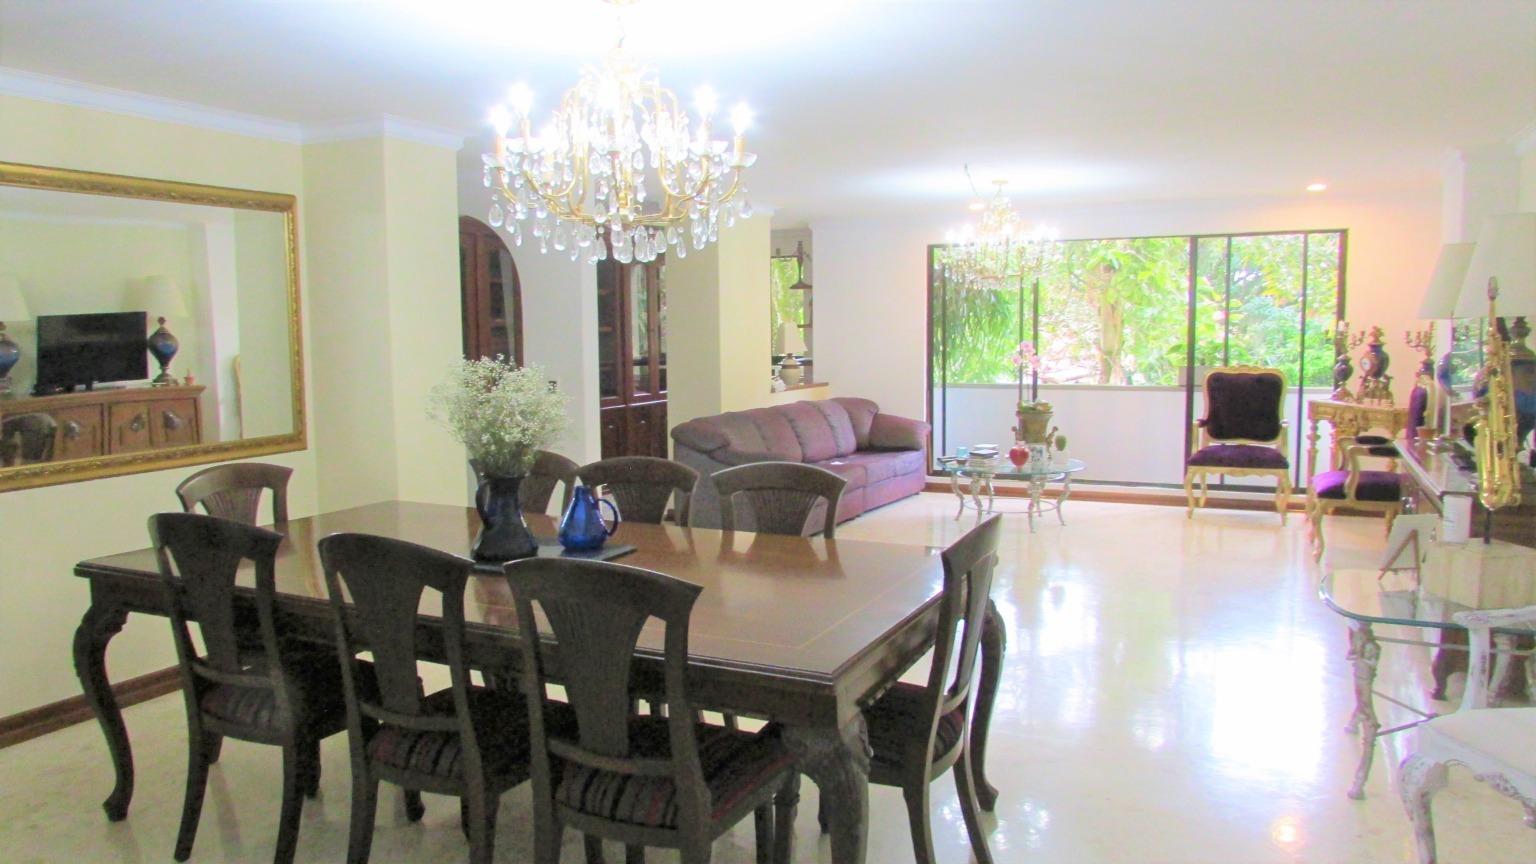 98917 - Vendo Apartamento Castropol Poblado Medellin Colombia